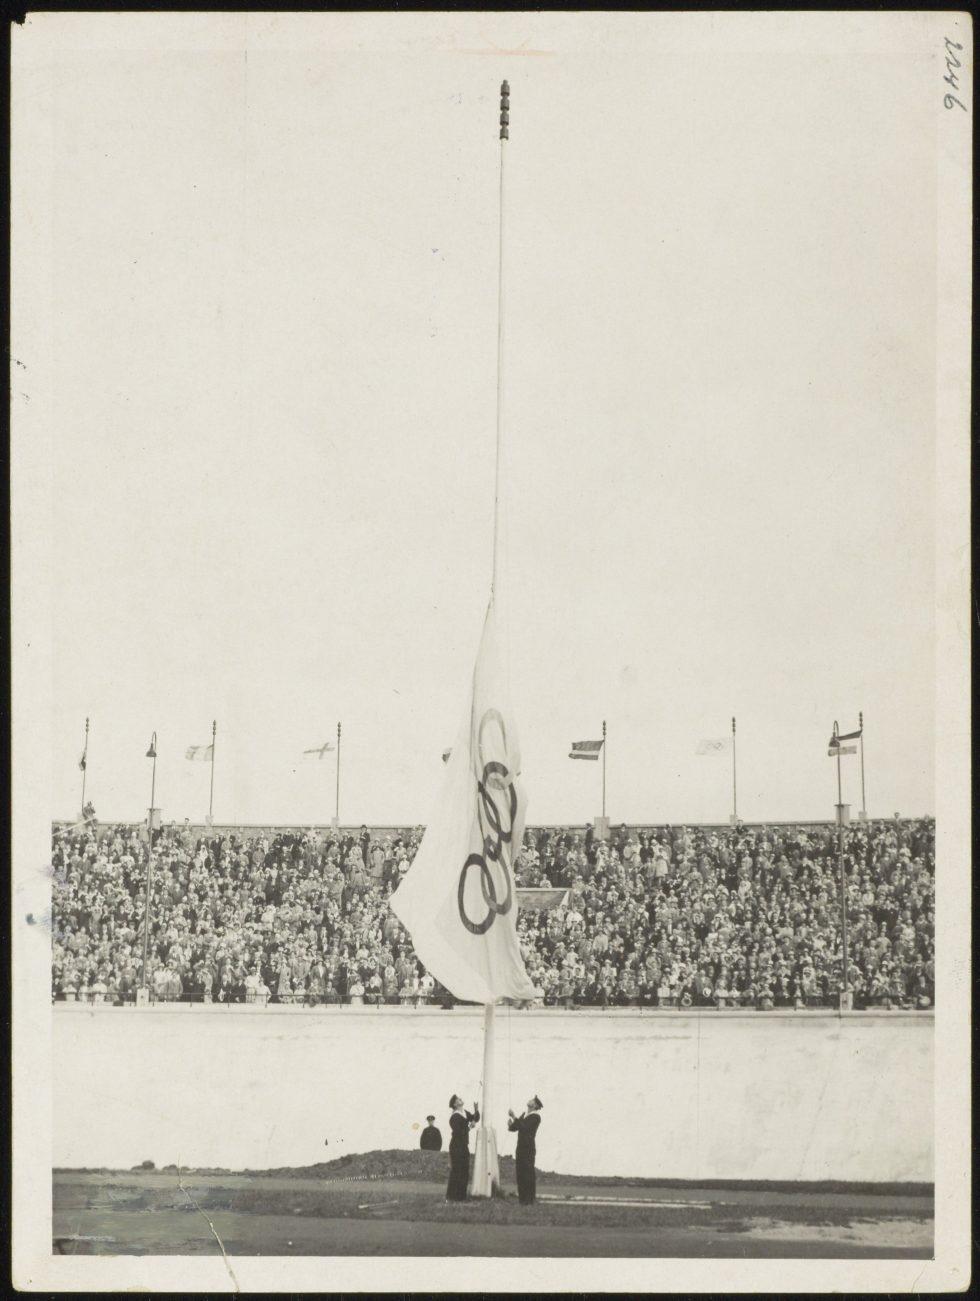 Foto van het neerhalen van de vlag tijdens de Olympische Spelen in Amsterdam 1928